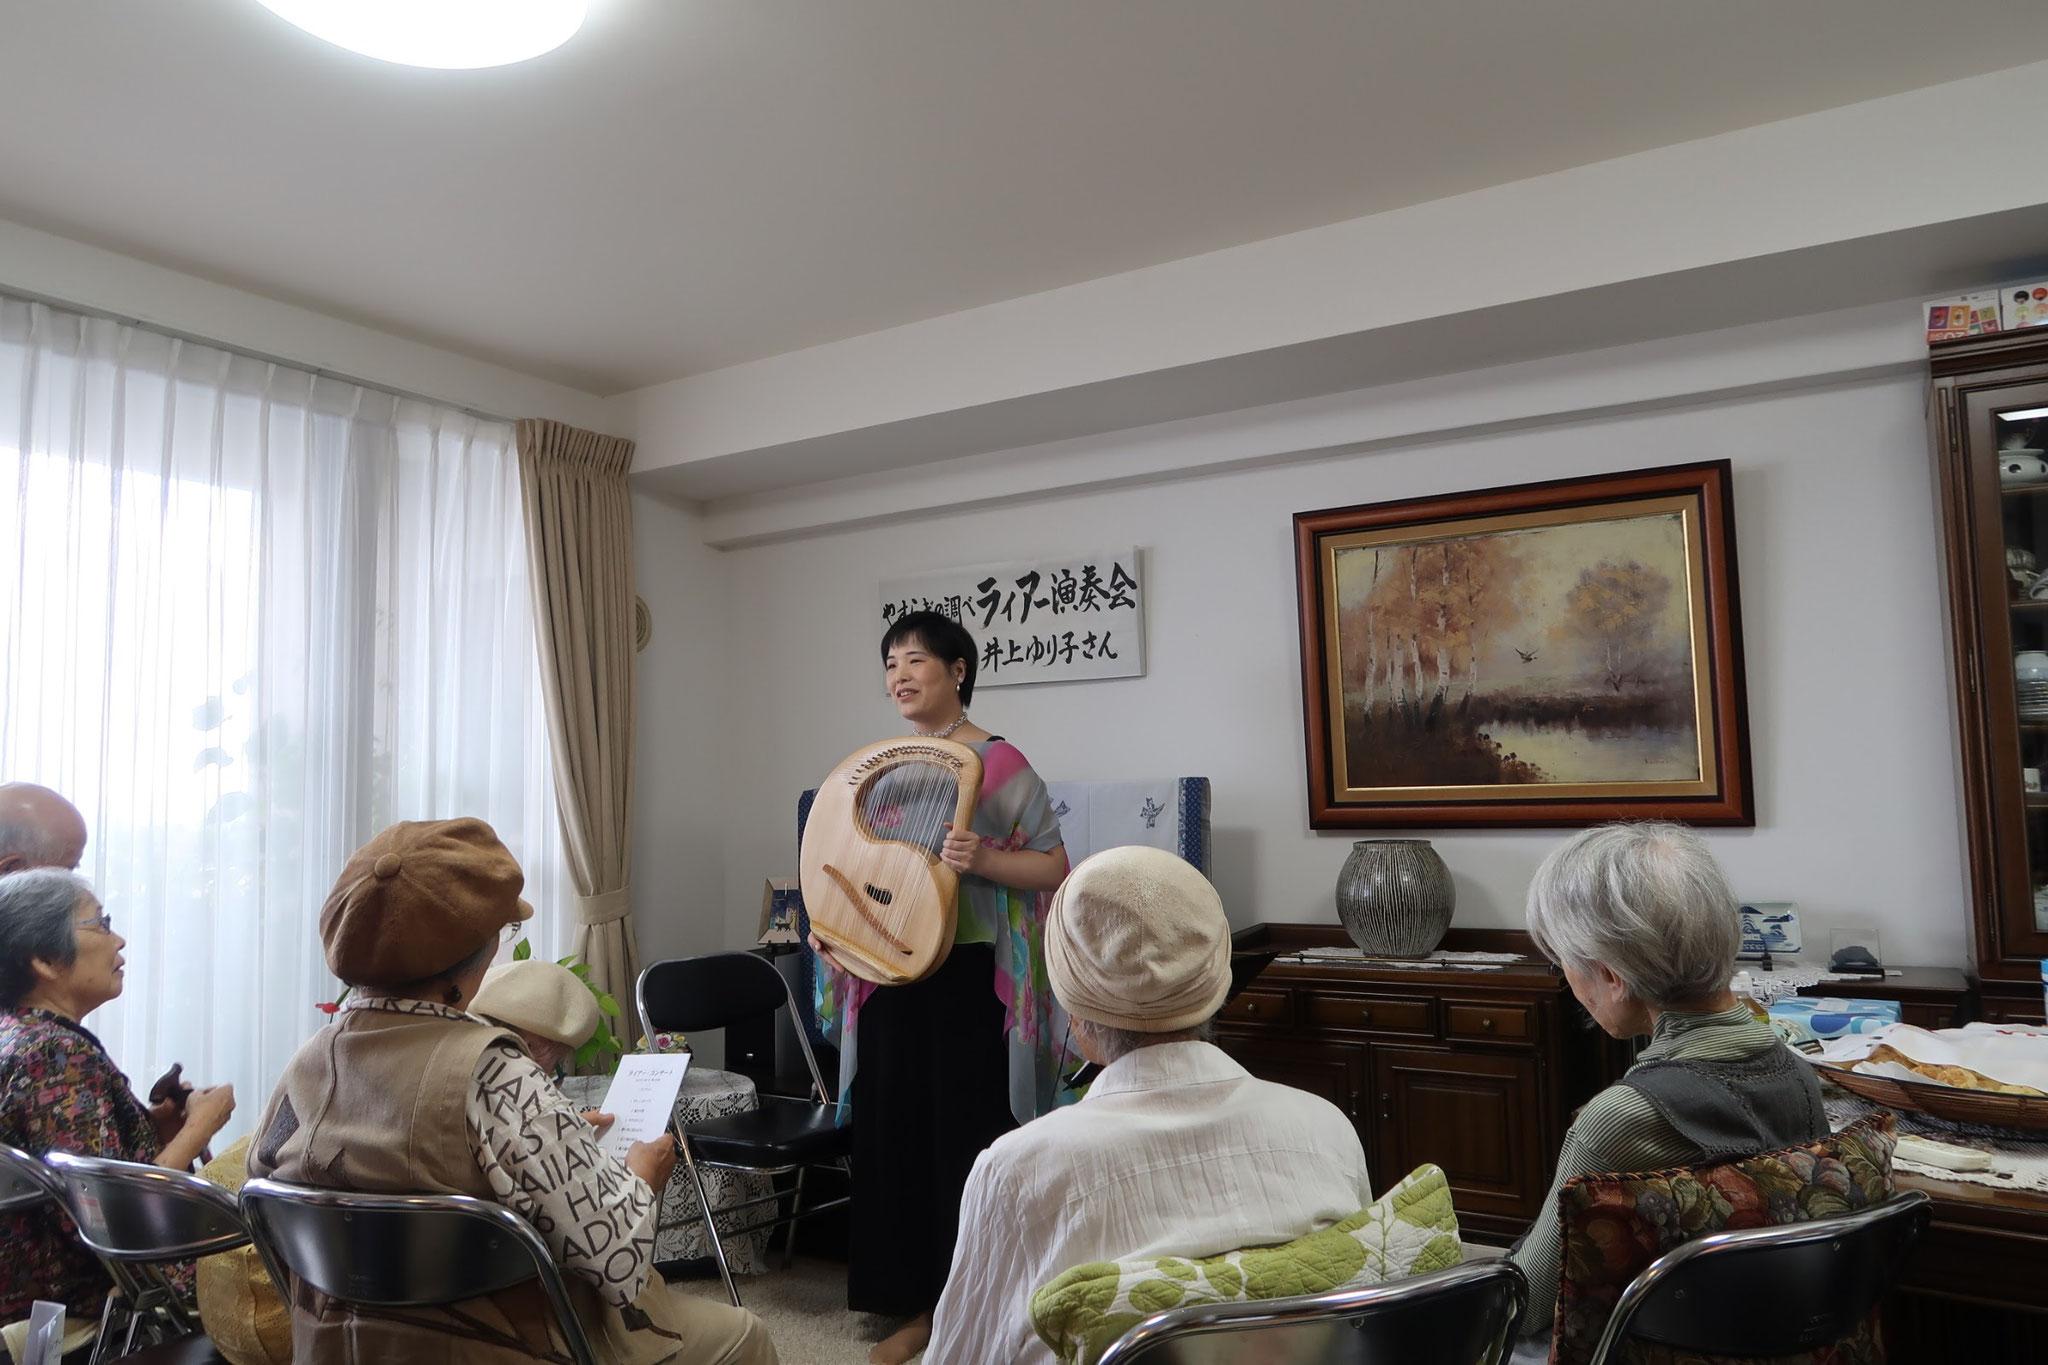 熊本「語ろう会」の皆様とつくったコンサート